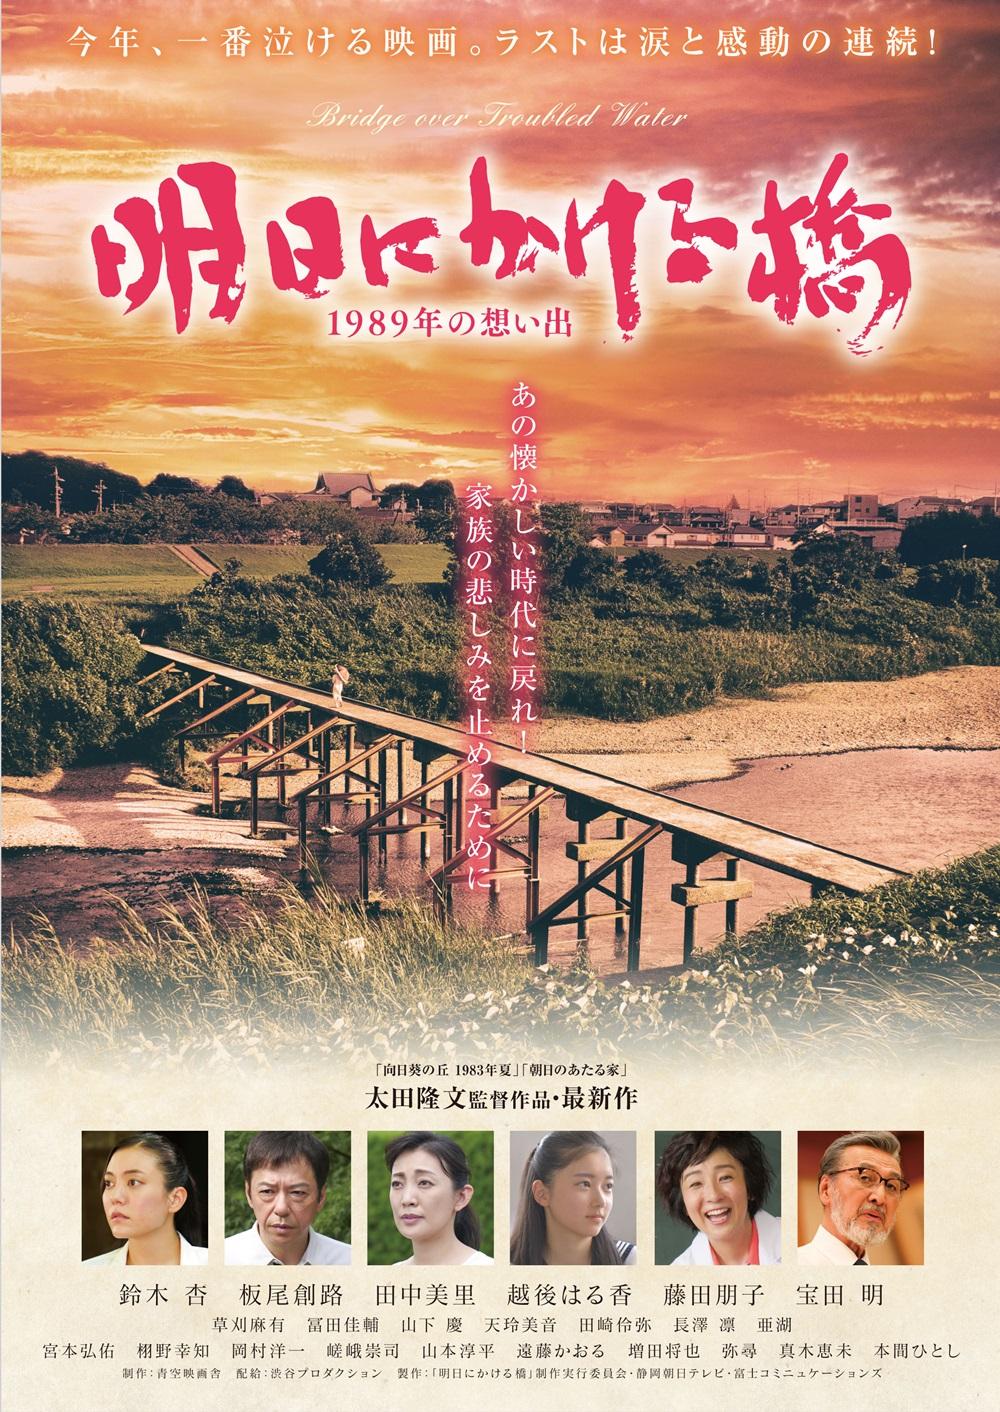 【画像】映画『明日にかける橋 1989年の想い出』ポスタービジュアル